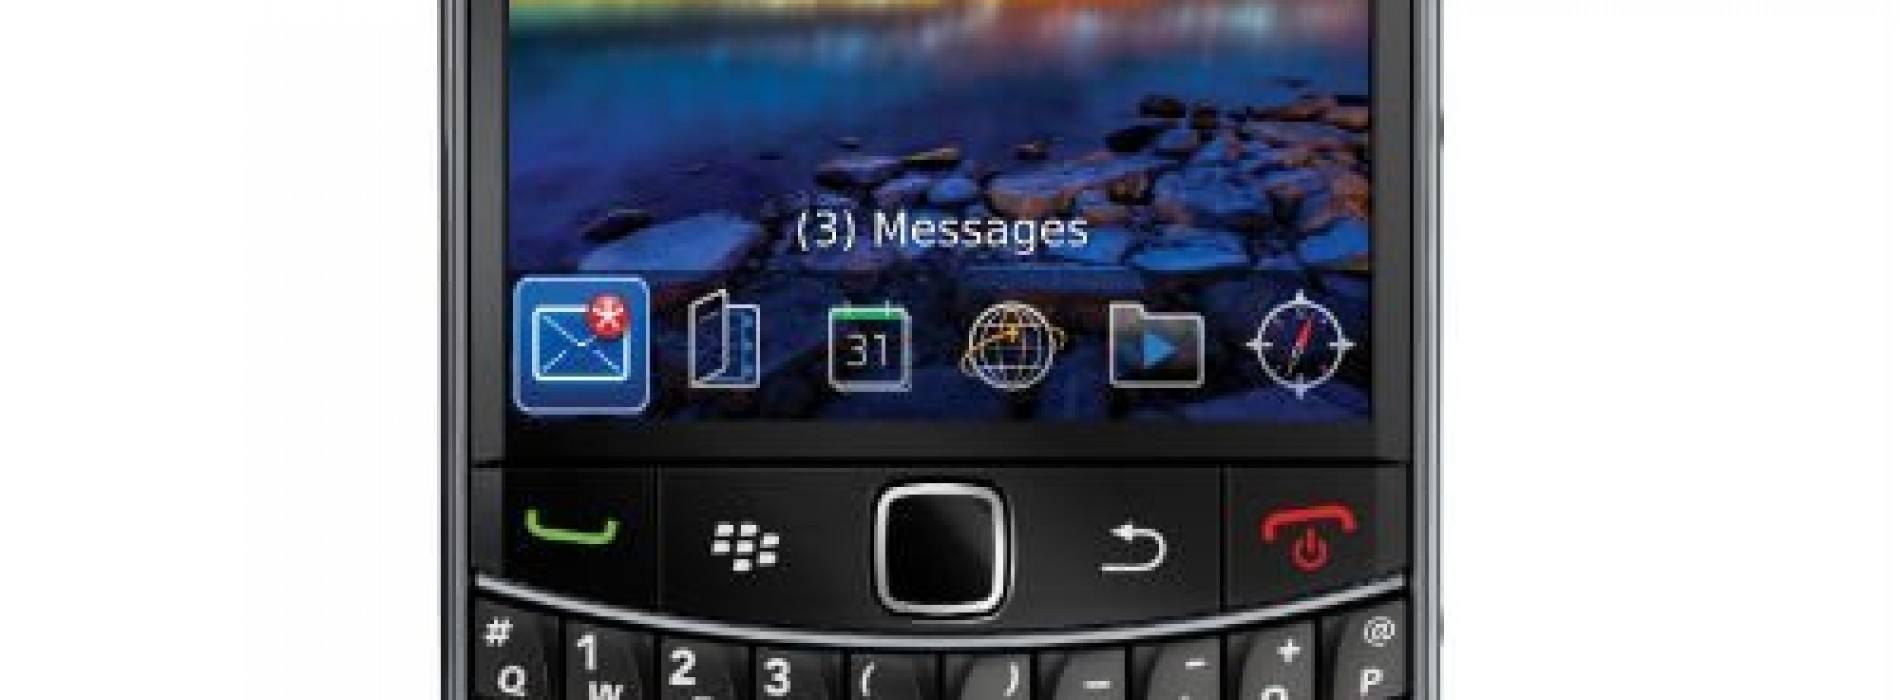 Blackberry Bold 9700, un paso hacia delante